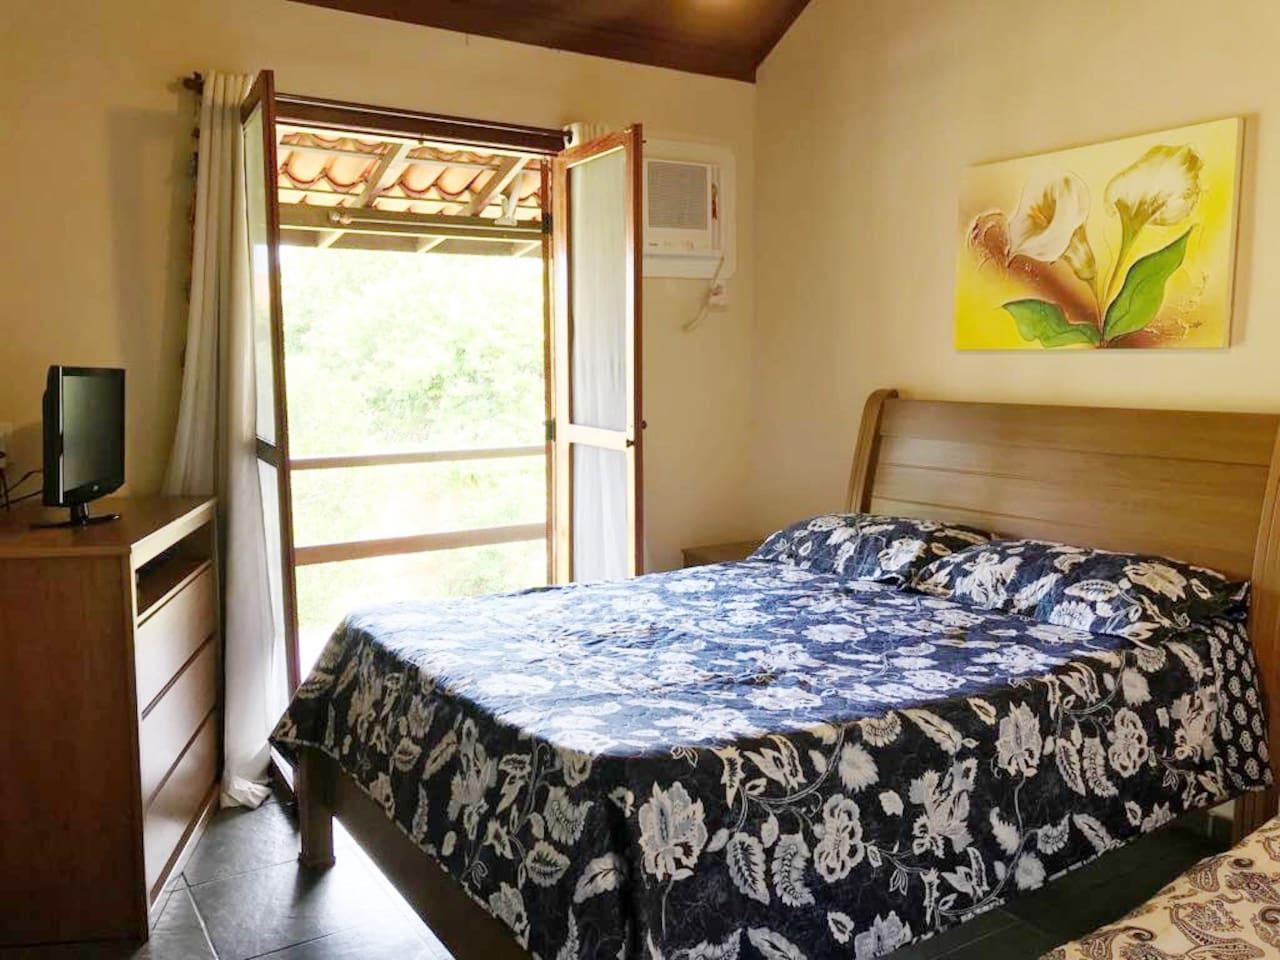 Quarto com cama de casal, cama auxiliar de solteiro, ar condicionado, banheiro e cortina com blackout